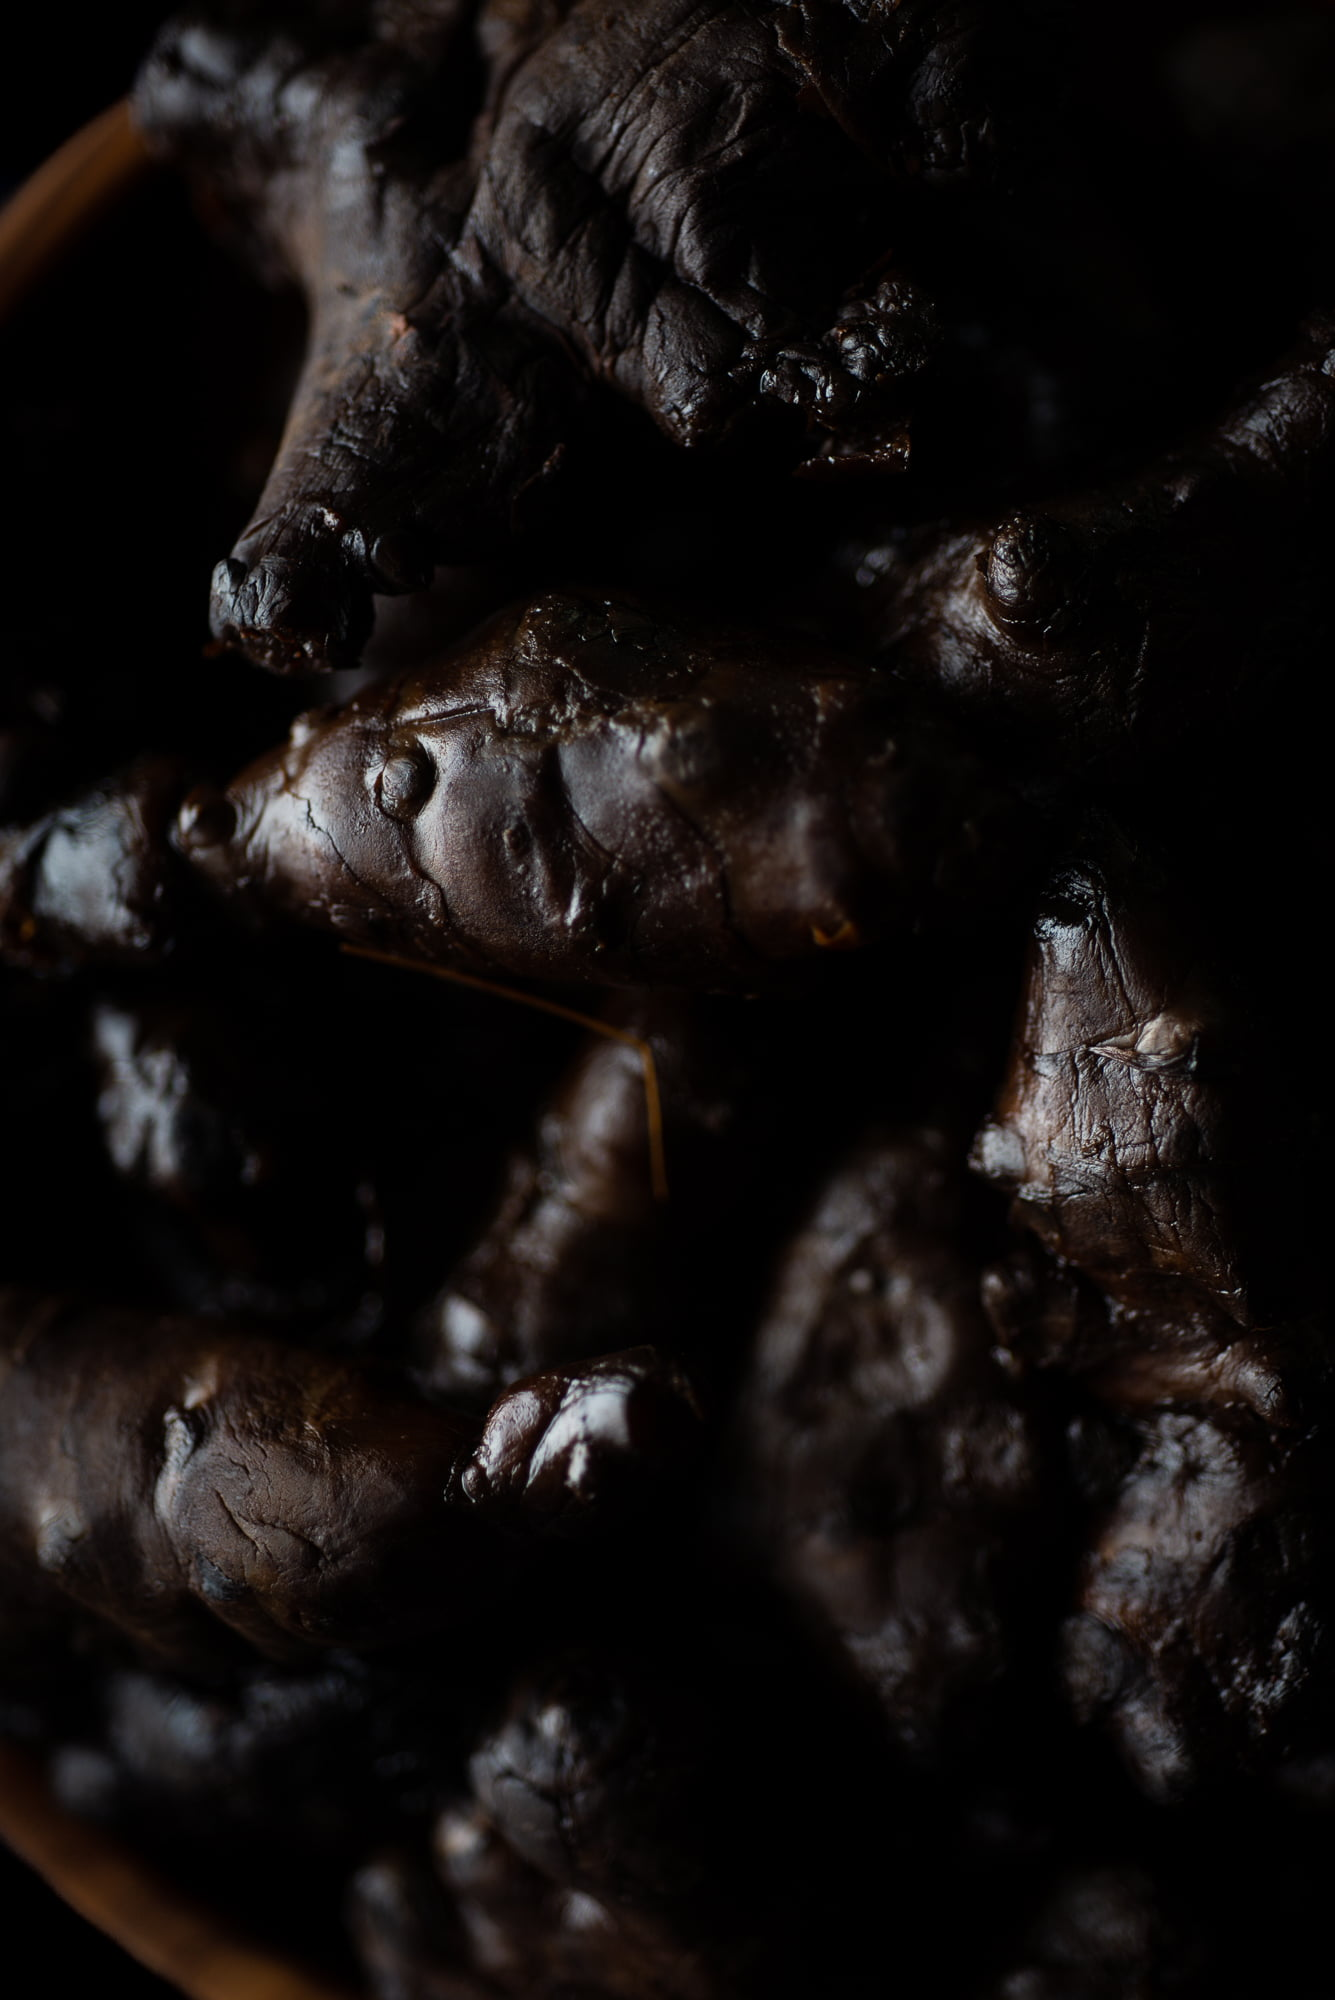 https://www.chilarestaurant.com/vegetales-negros/07_07_chila-2570/